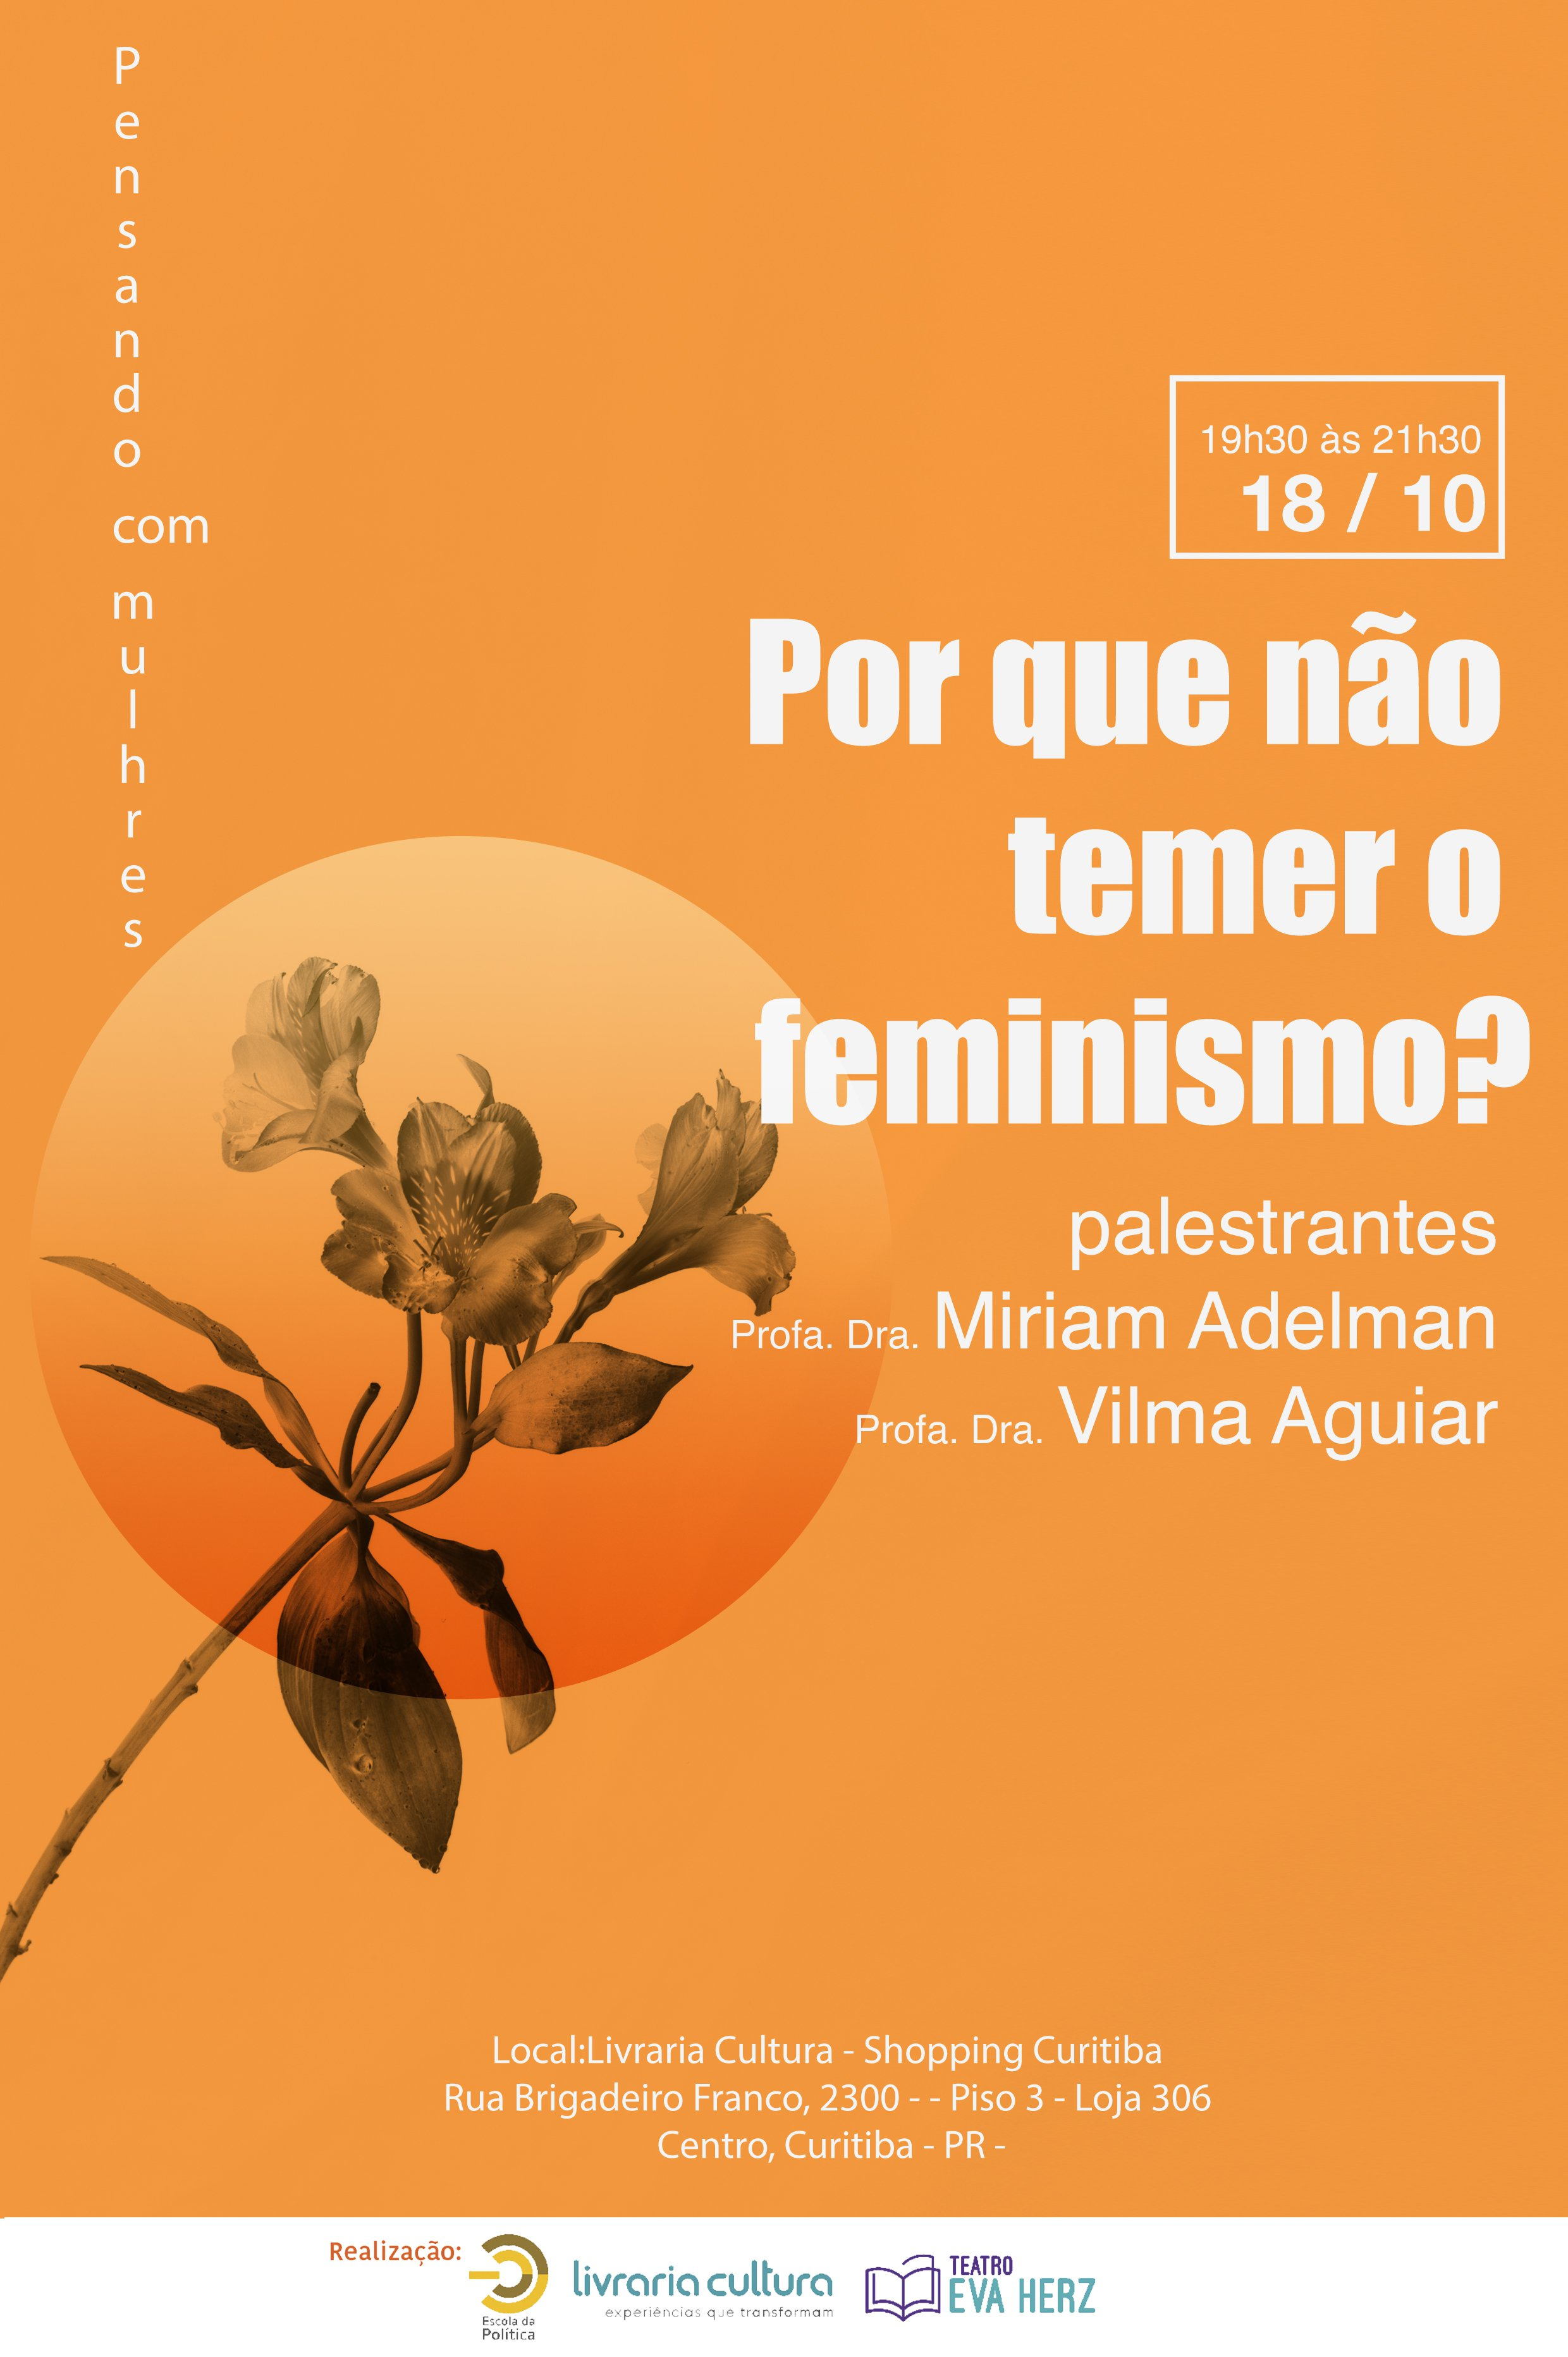 Por que não temer o feminismo-18 de outubro de 2019.jpg